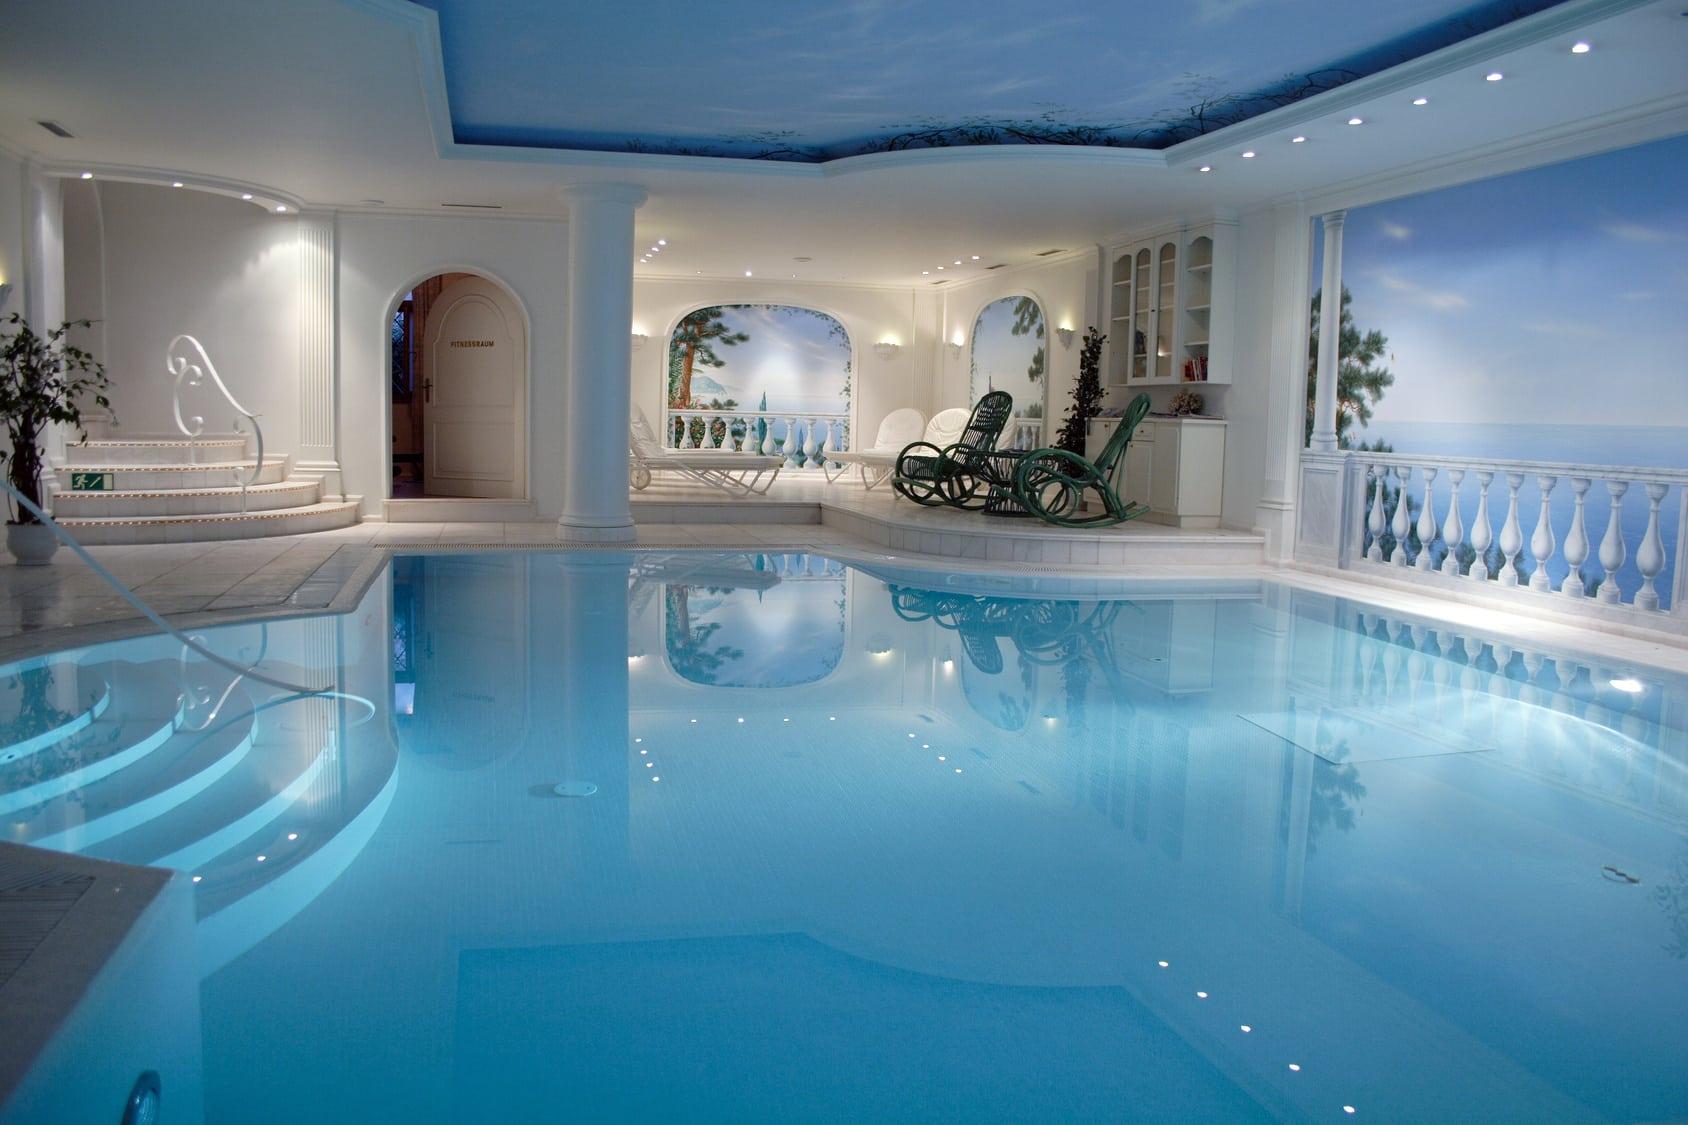 Quel syst me de chauffage de piscine choisir le comparatif for Chauffage piscine quebec